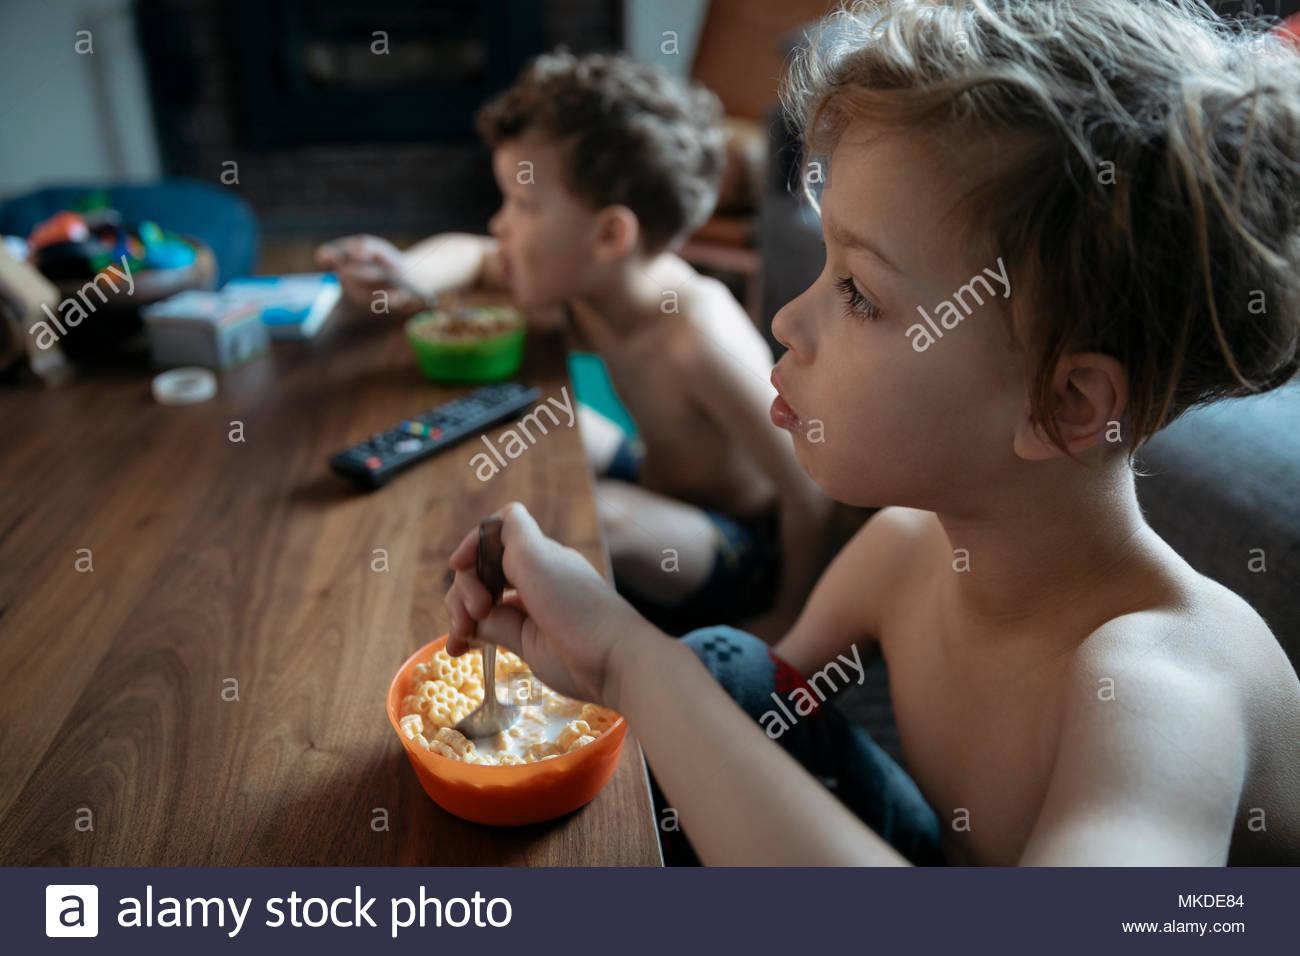 Curieux torse nu frères manger des céréales et de regarder la télévision Photo Stock